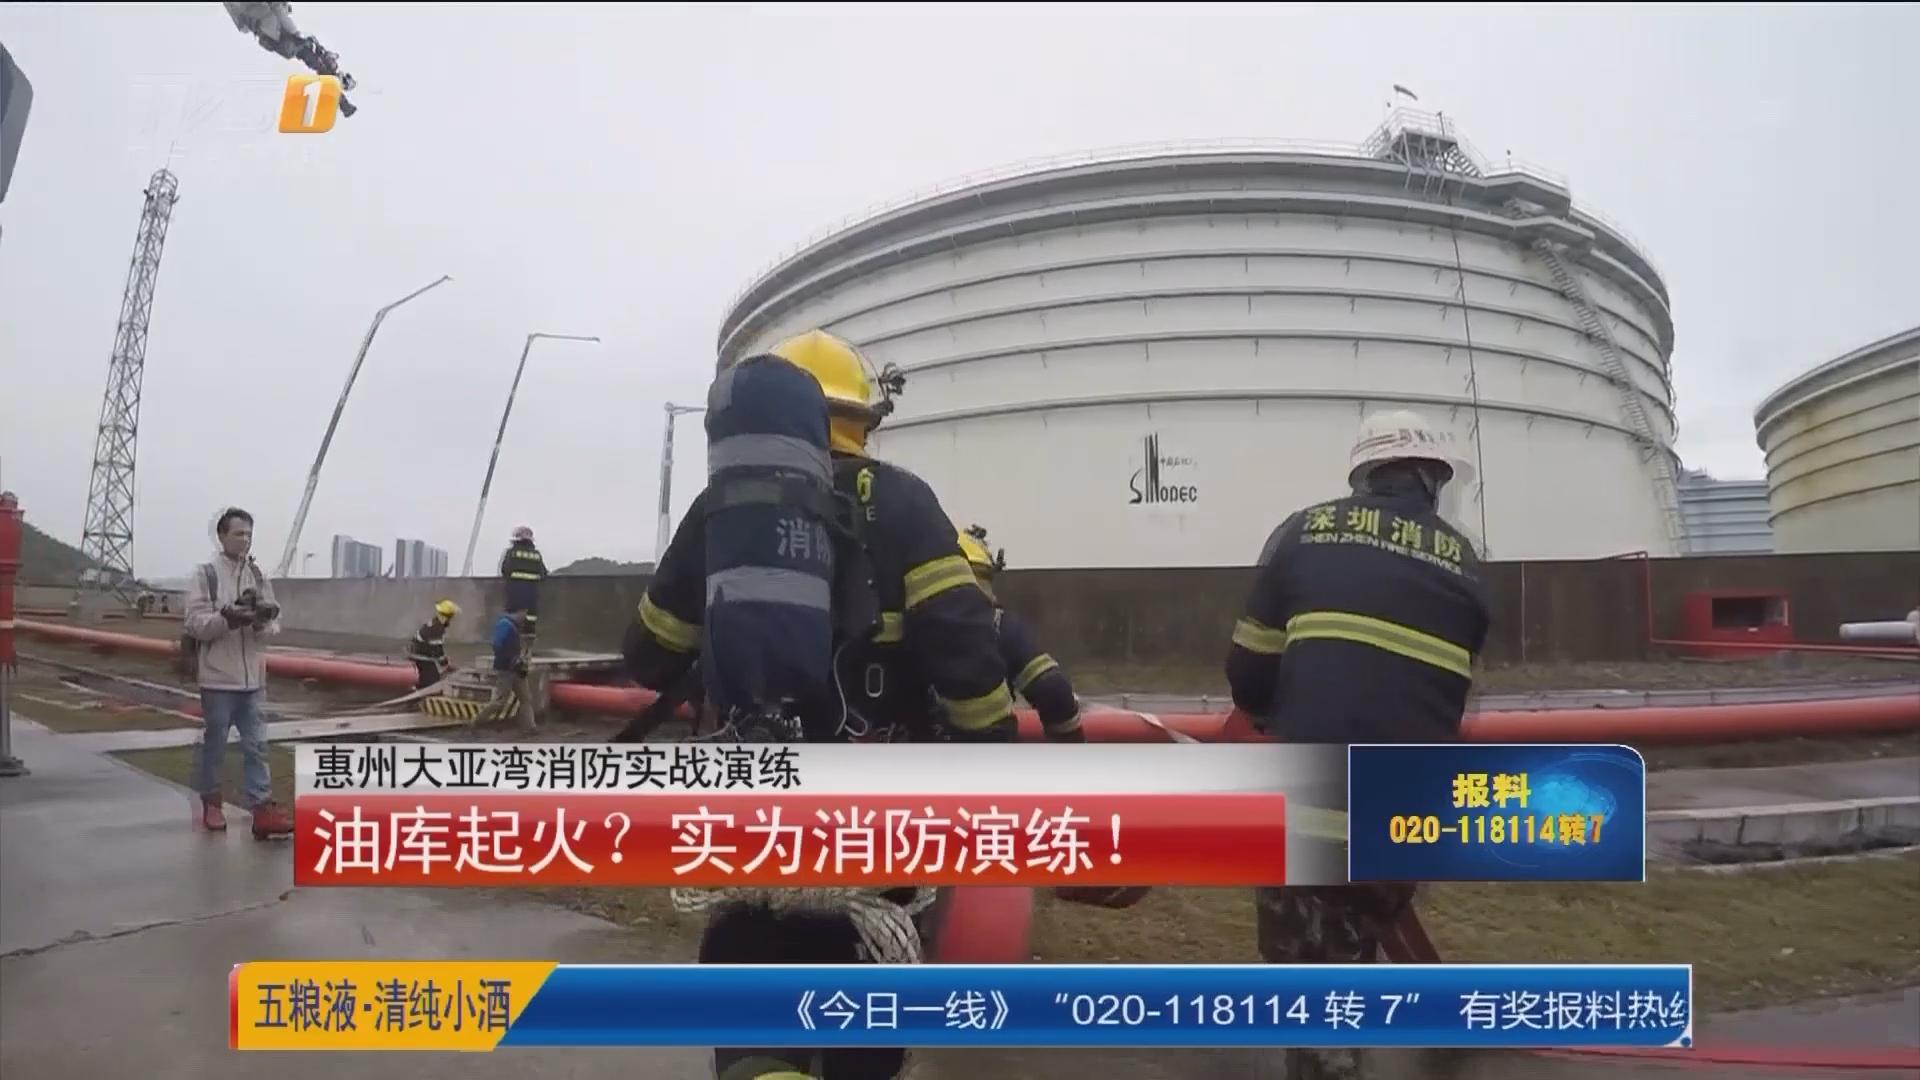 惠州大亚湾消防实战演练:油库起火?实为消防演练!